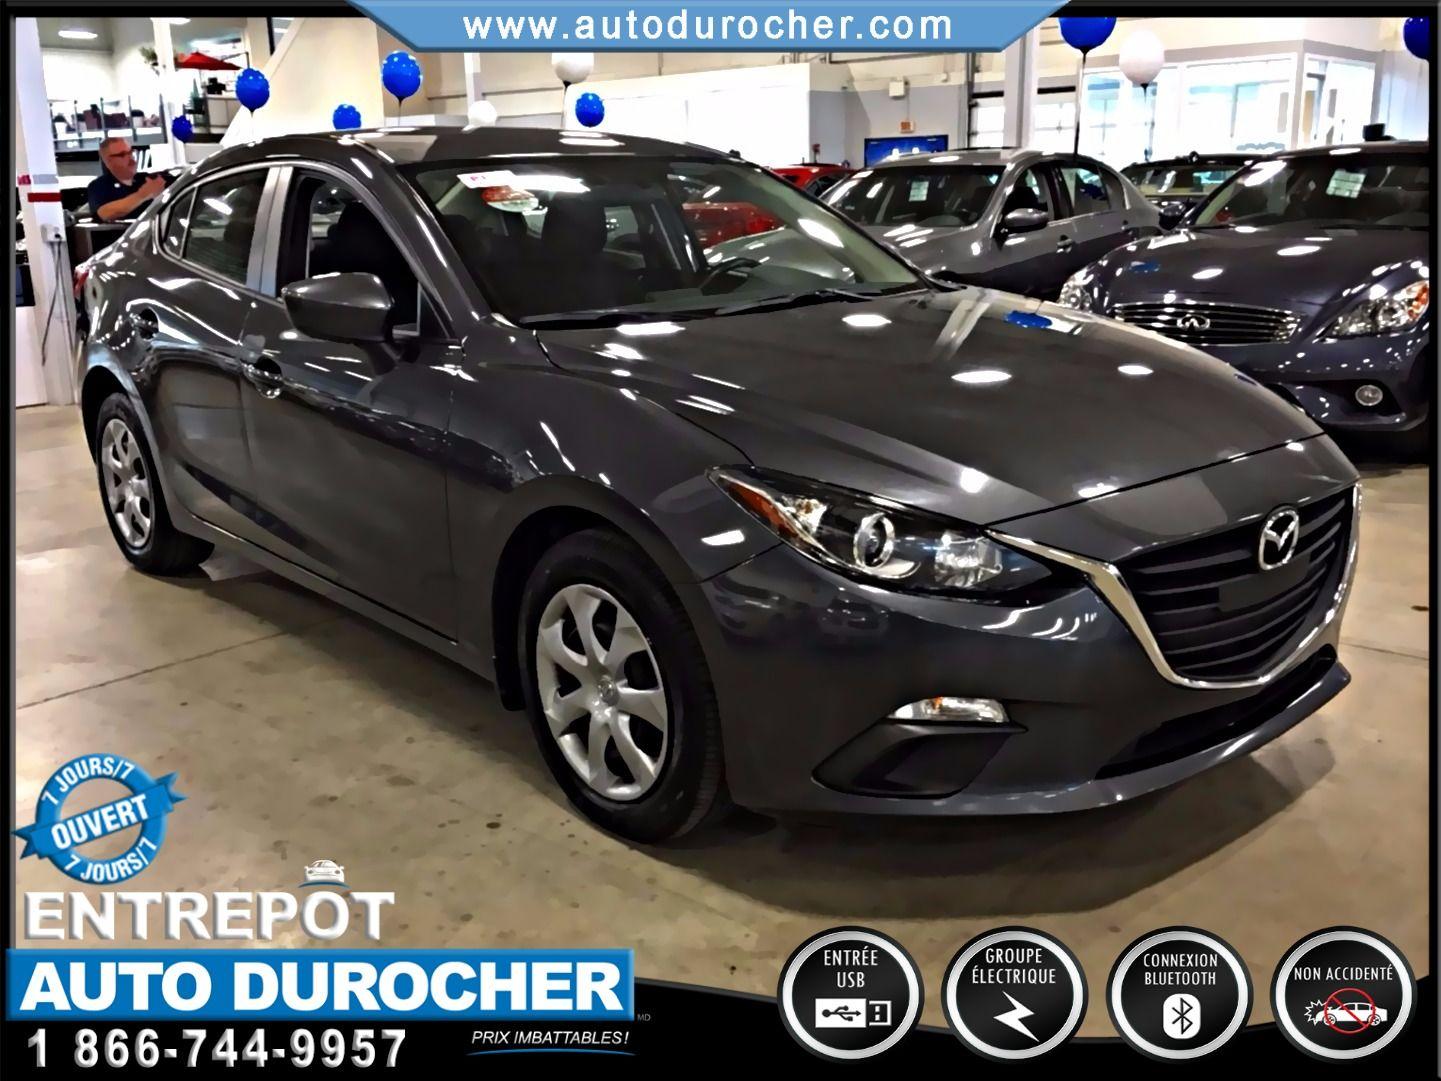 Mazda Mazda3 GR. ÉLECTRIQUES NOUVEAU MODÈLE BLUETOOTH 2014